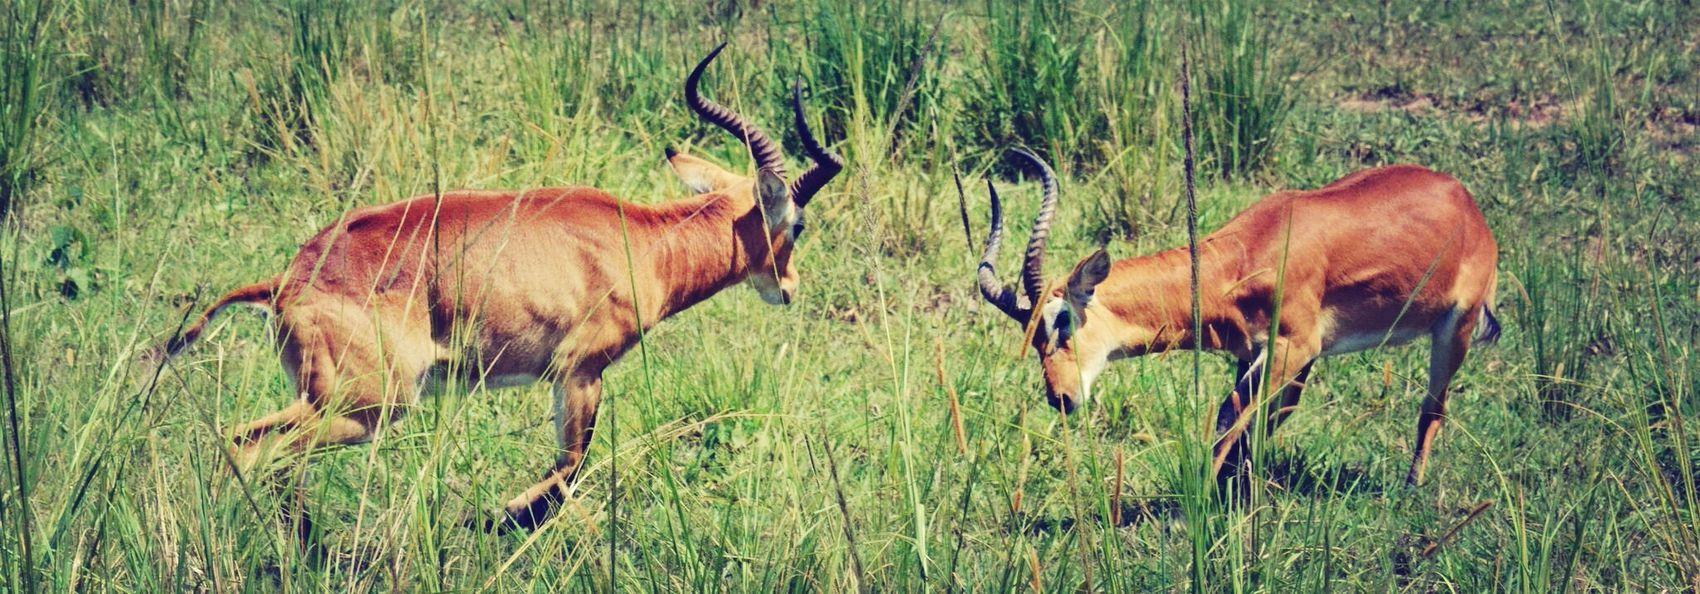 Africa Safari Gazelle Uganda